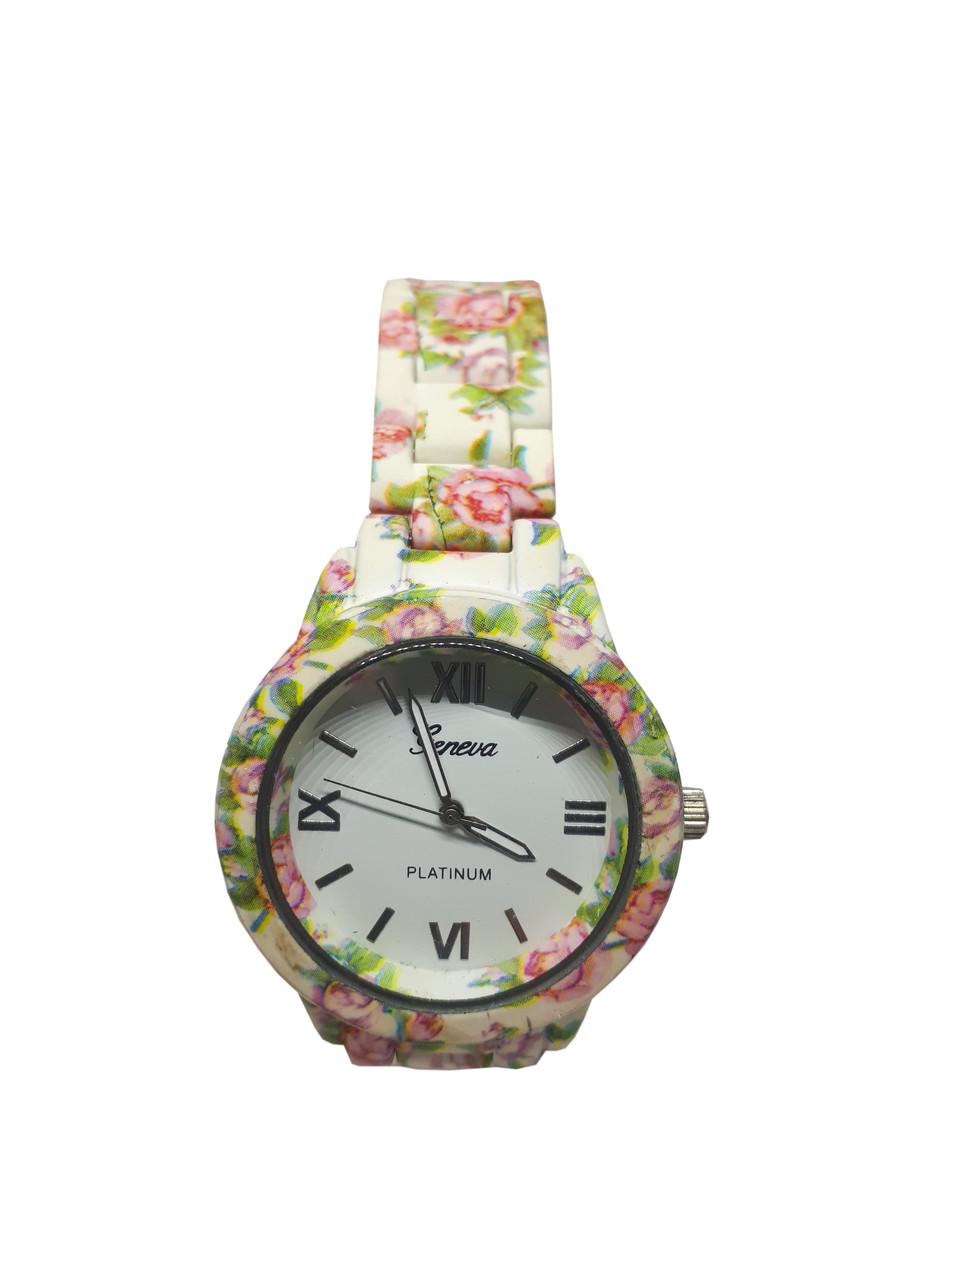 Женские часы  Geneva Flower PN308 на браслете под керамику.